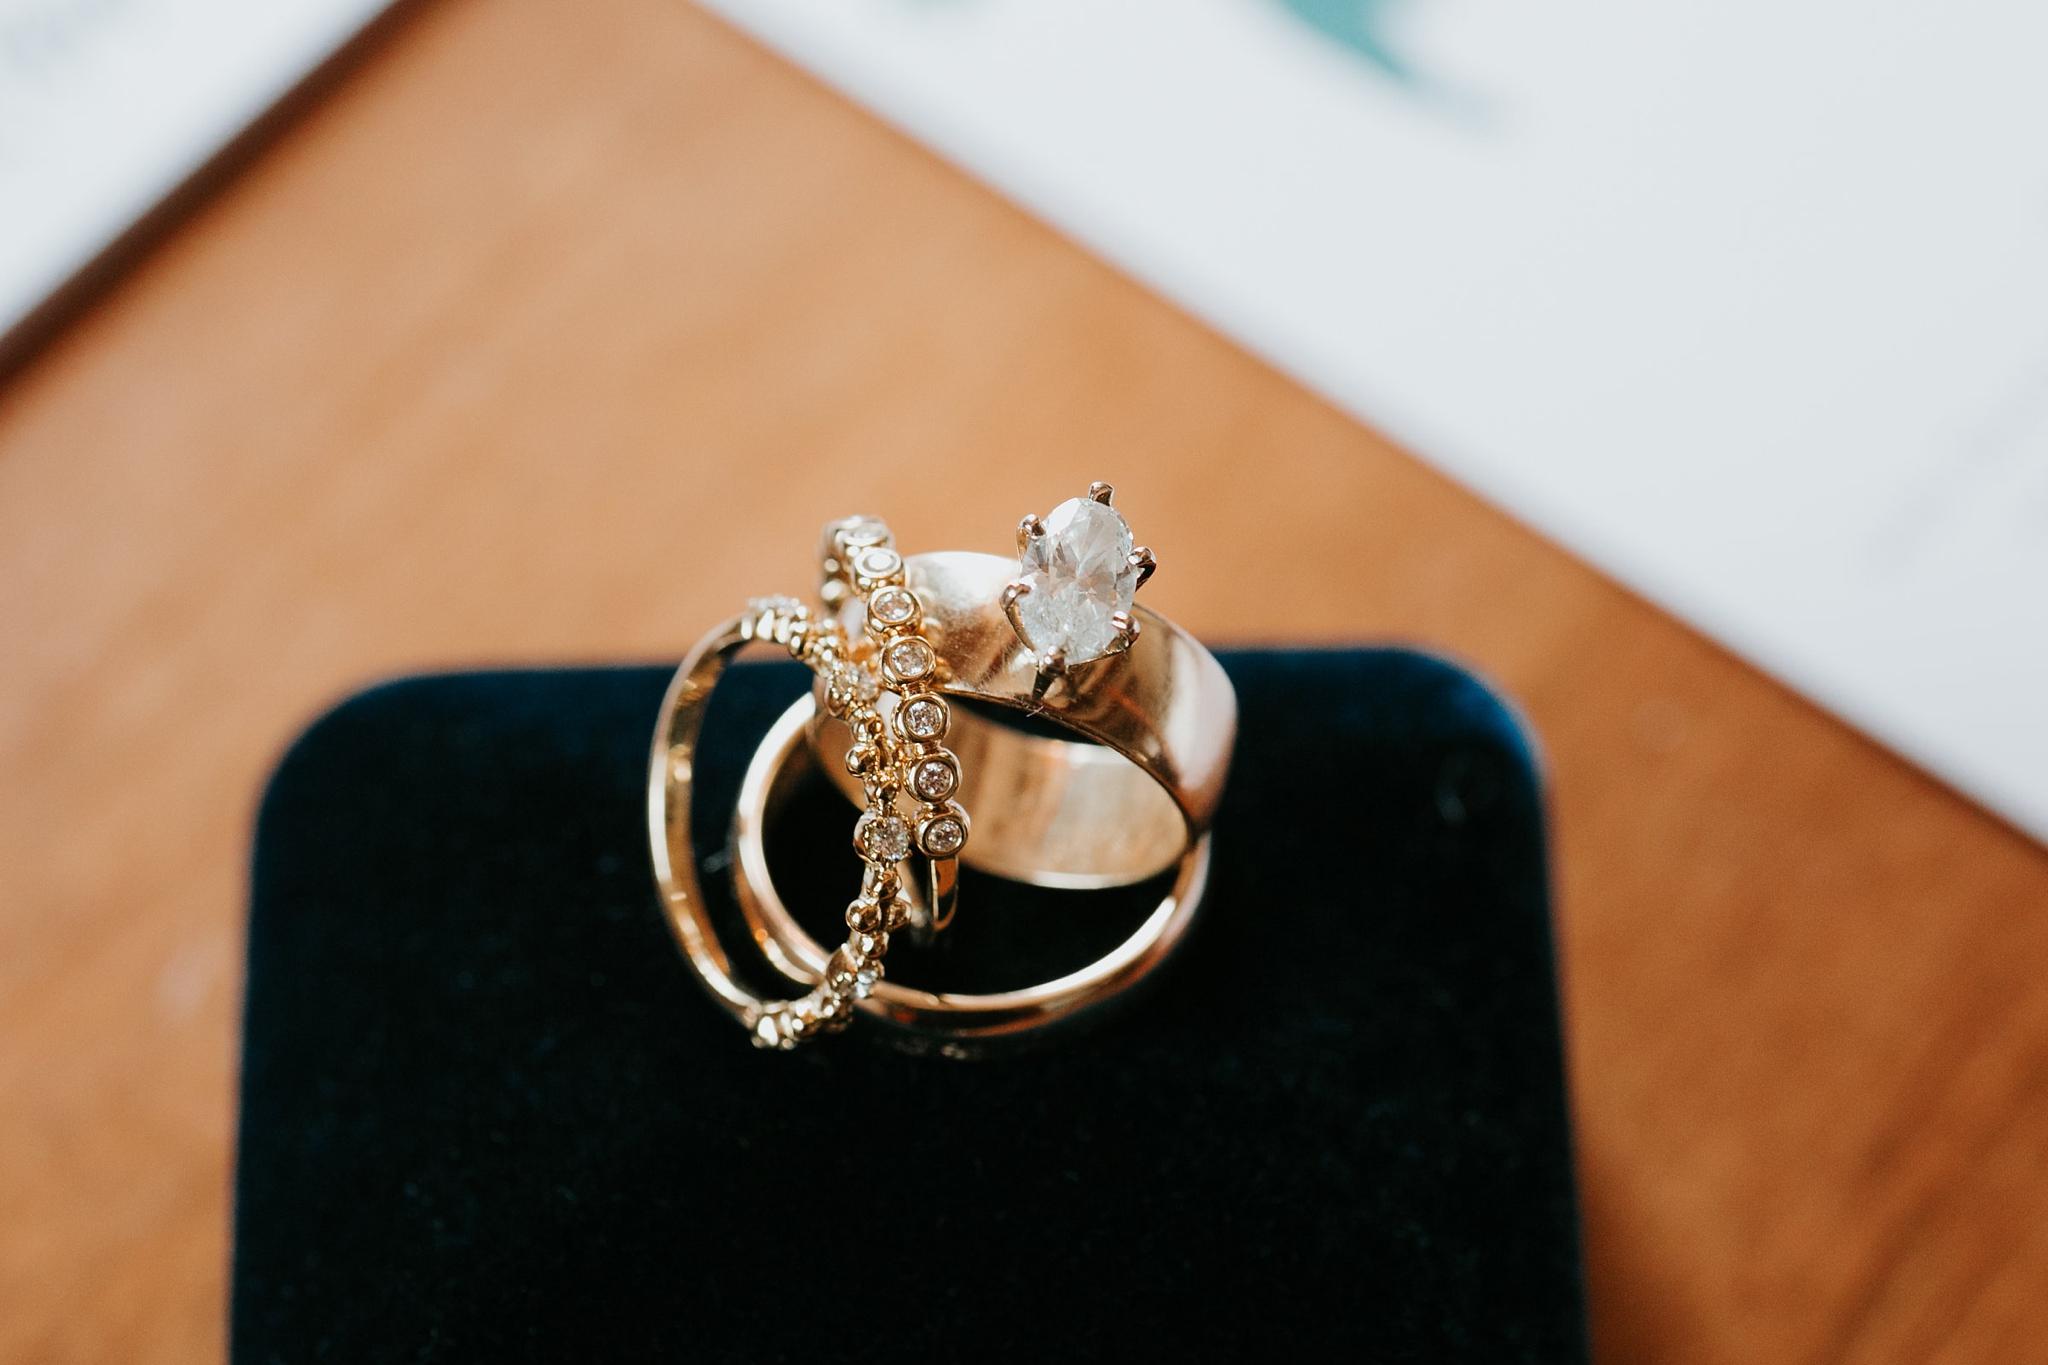 Alicia+lucia+photography+-+albuquerque+wedding+photographer+-+santa+fe+wedding+photography+-+new+mexico+wedding+photographer+-+new+mexico+wedding+-+santa+fe+wedding+-+albuquerque+wedding+-+wedding+rings+-+engagement+rings_0010.jpg